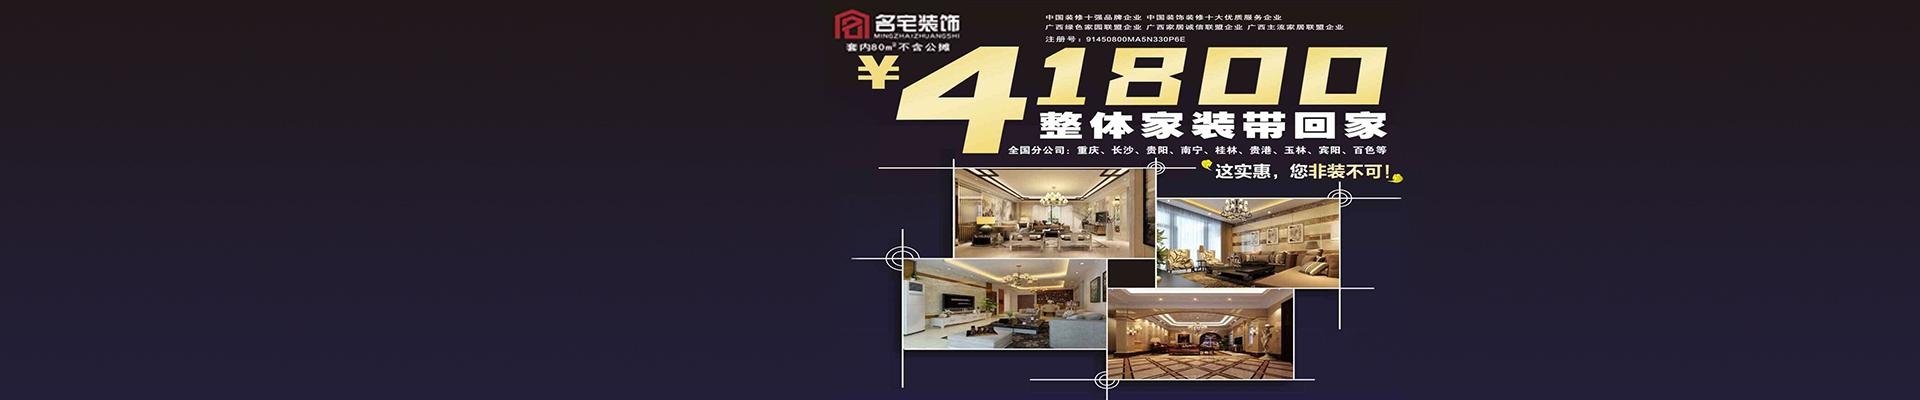 广西名宅建筑装饰工程有限公司